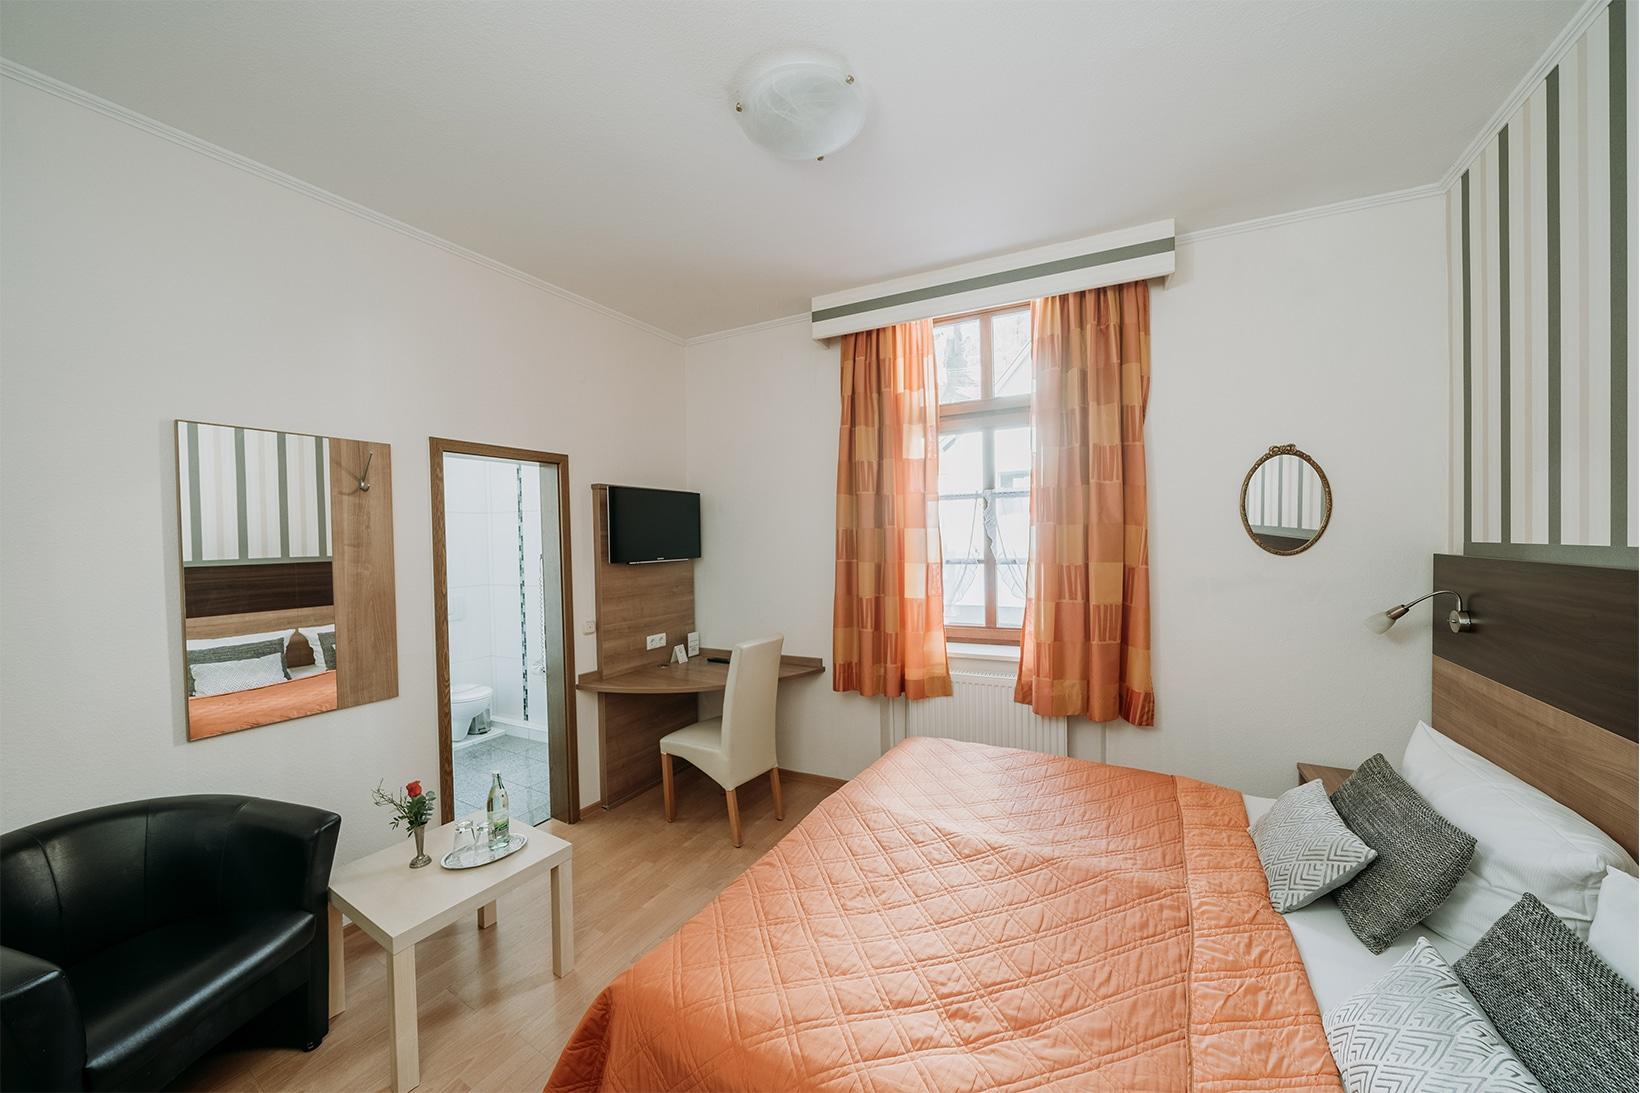 Hotel - Zimmer 9